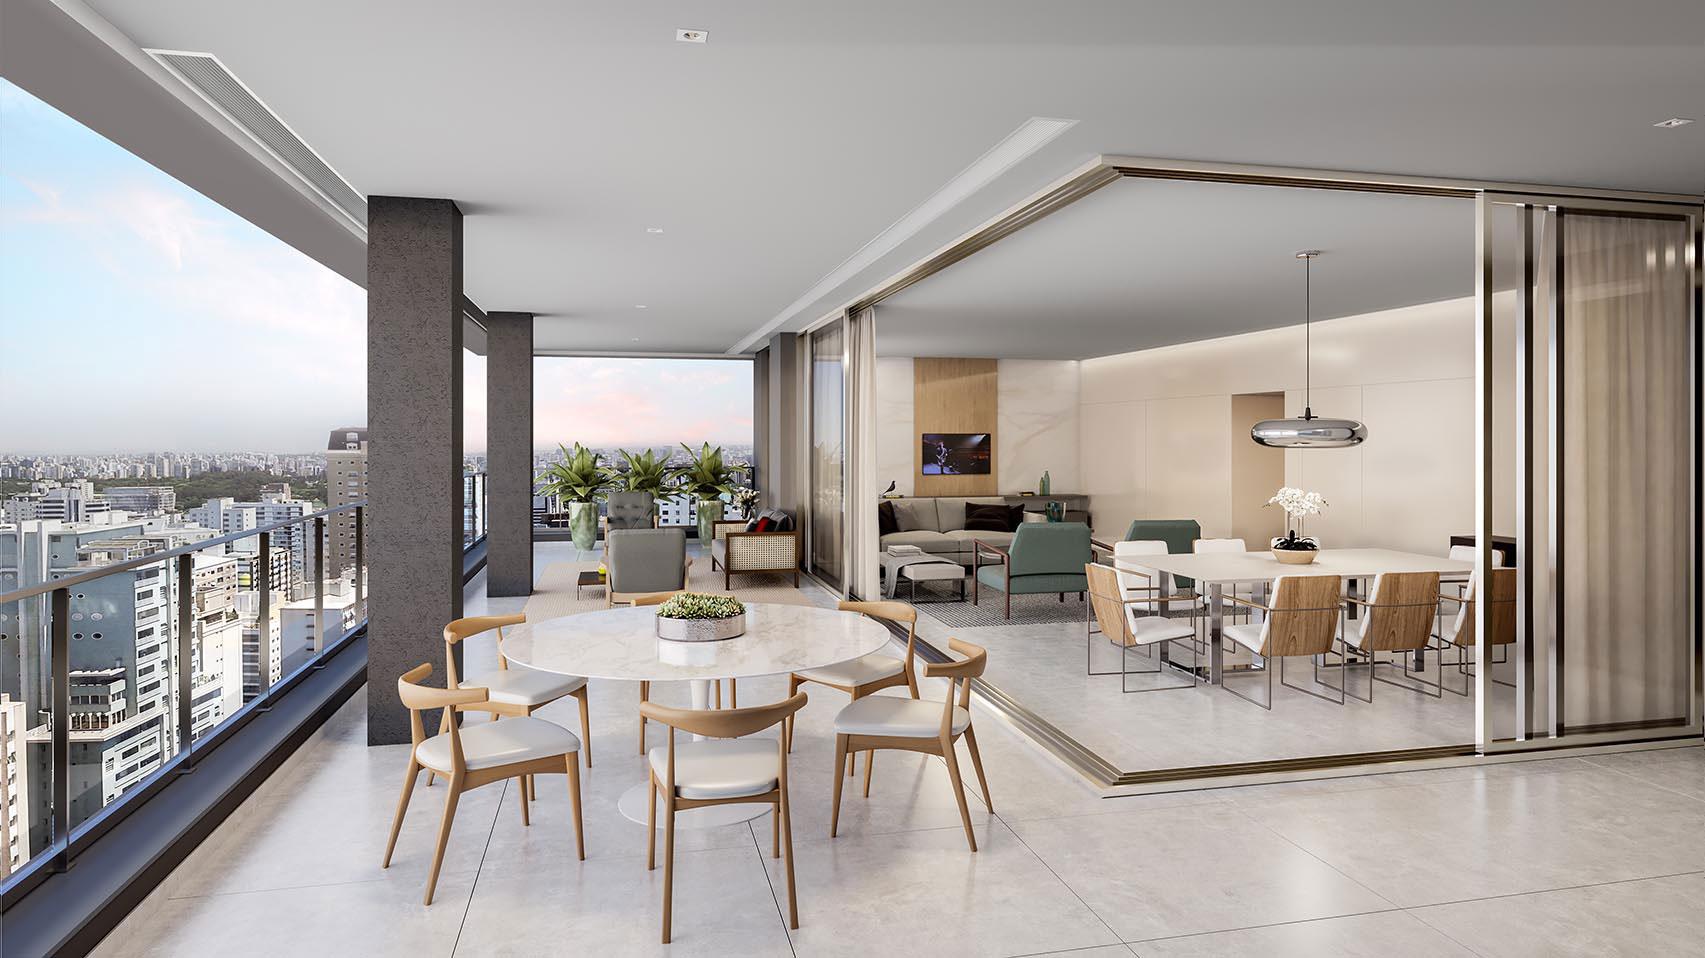 beyond-jardins-campinas-600-apto-270m-4-suites-varanda-4-vagas